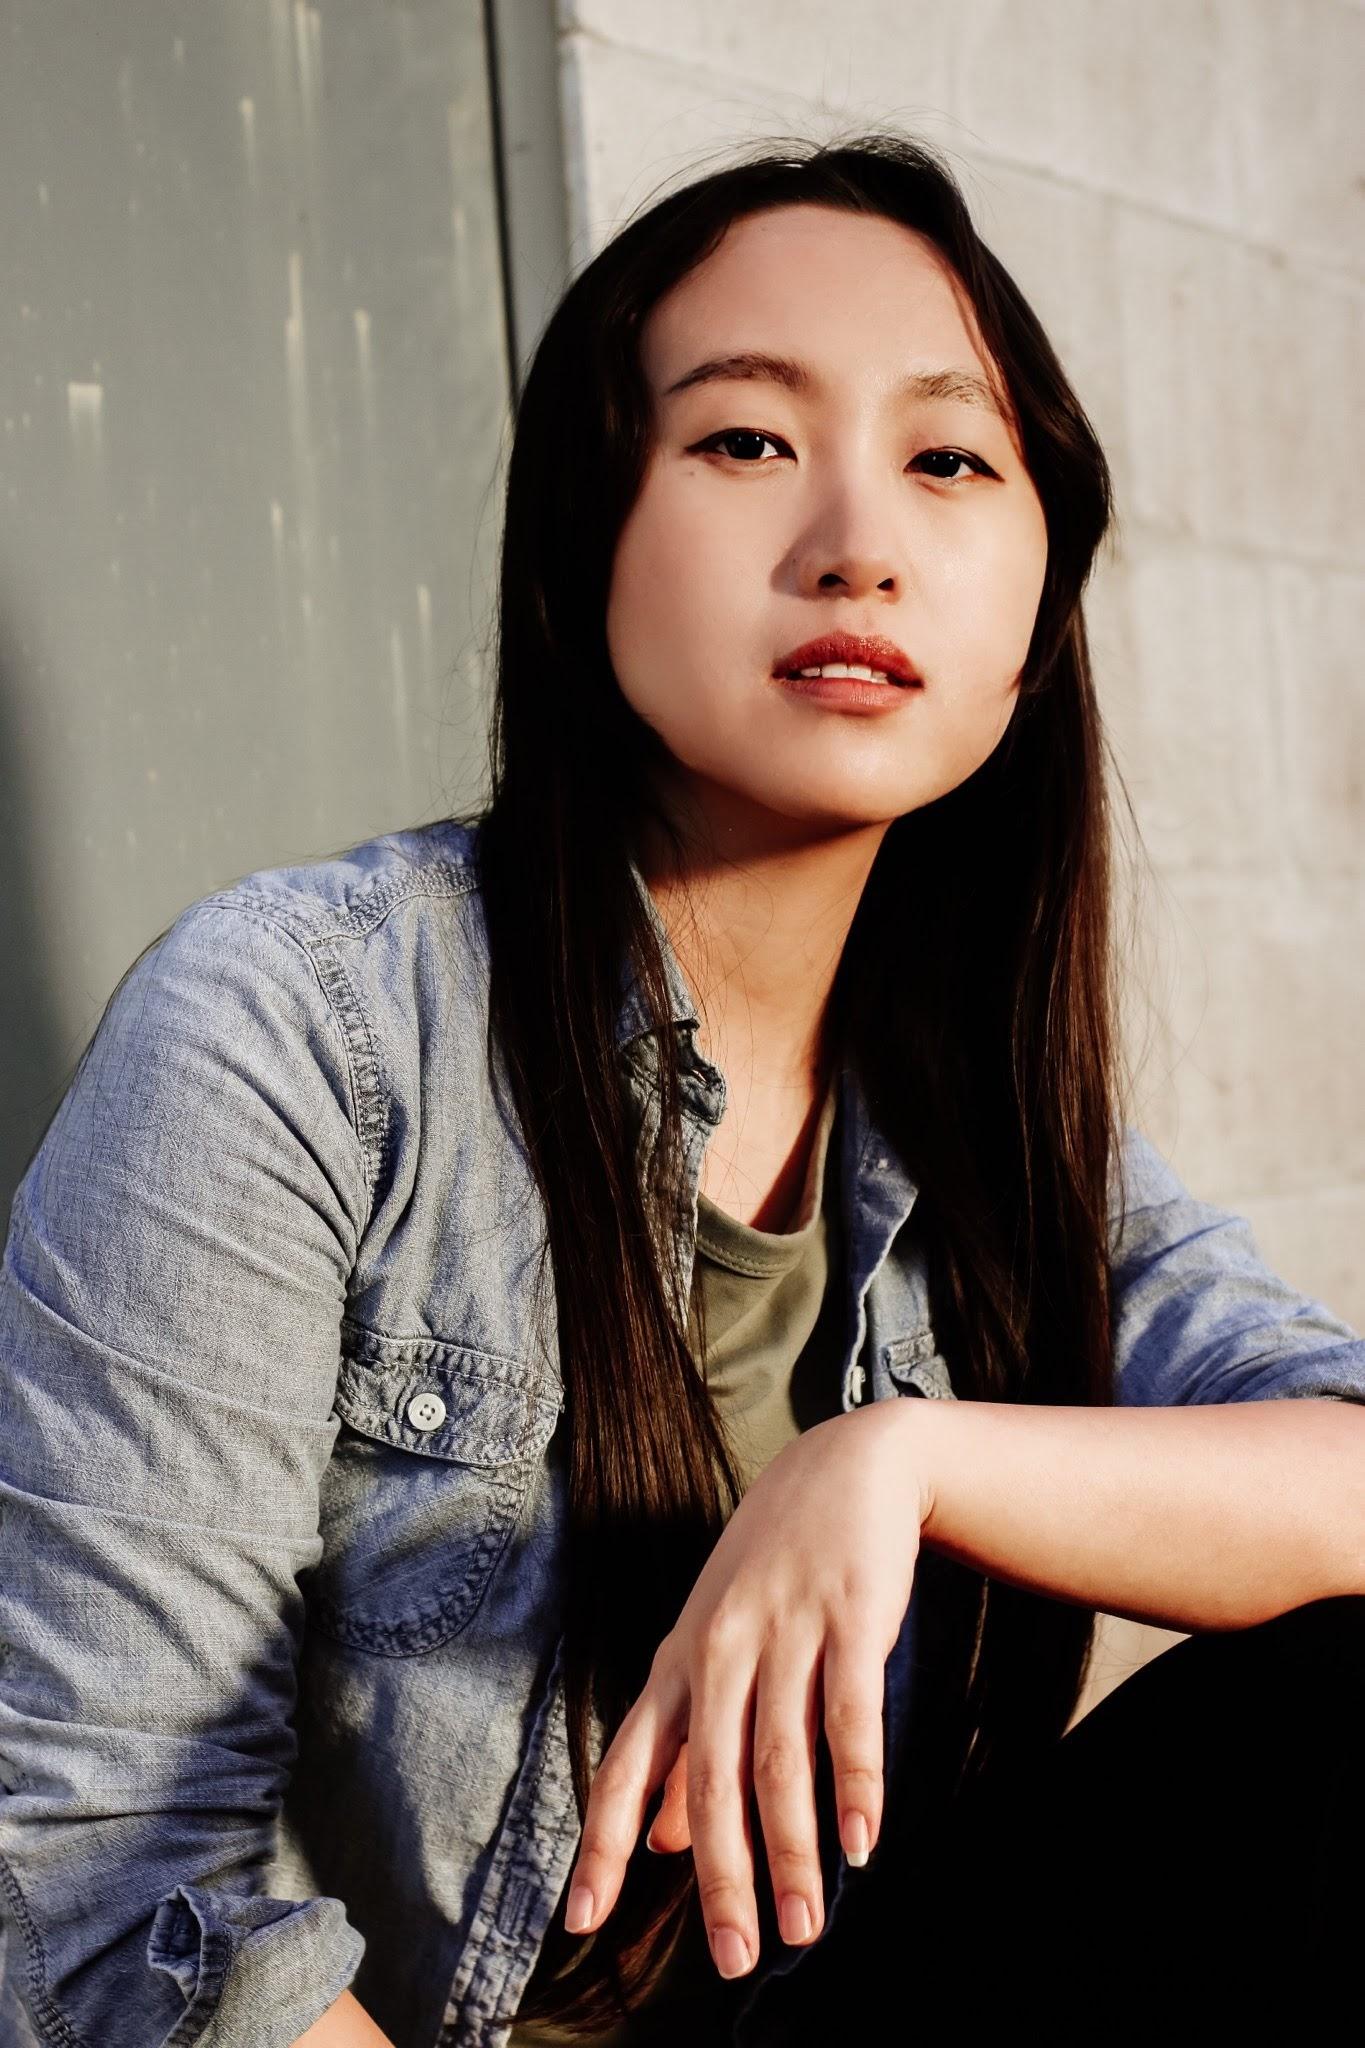 Christina-L